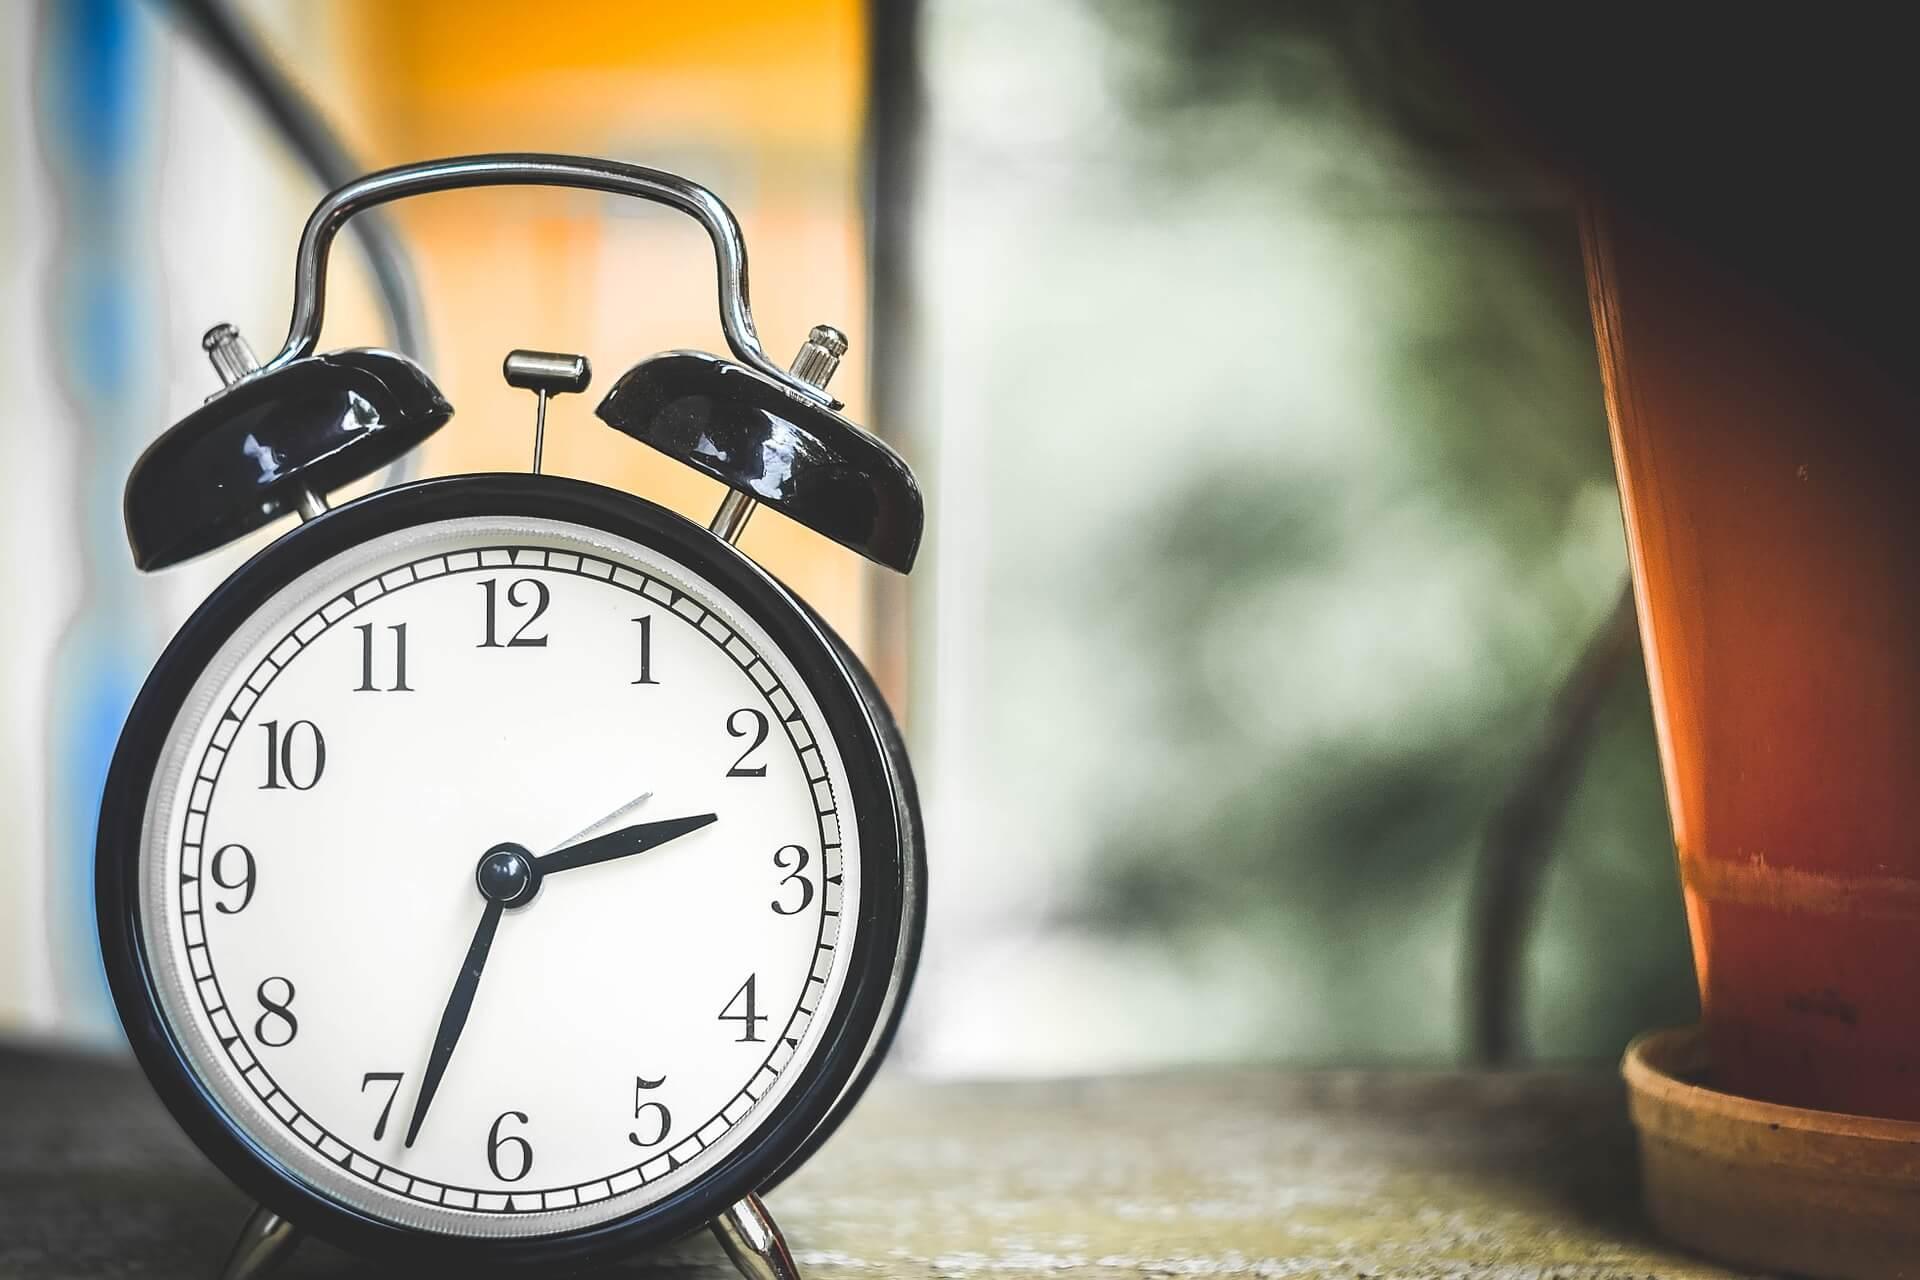 早起きのコツ。昼夜逆転歴10年の夜型人間が朝型になれた簡単な方法